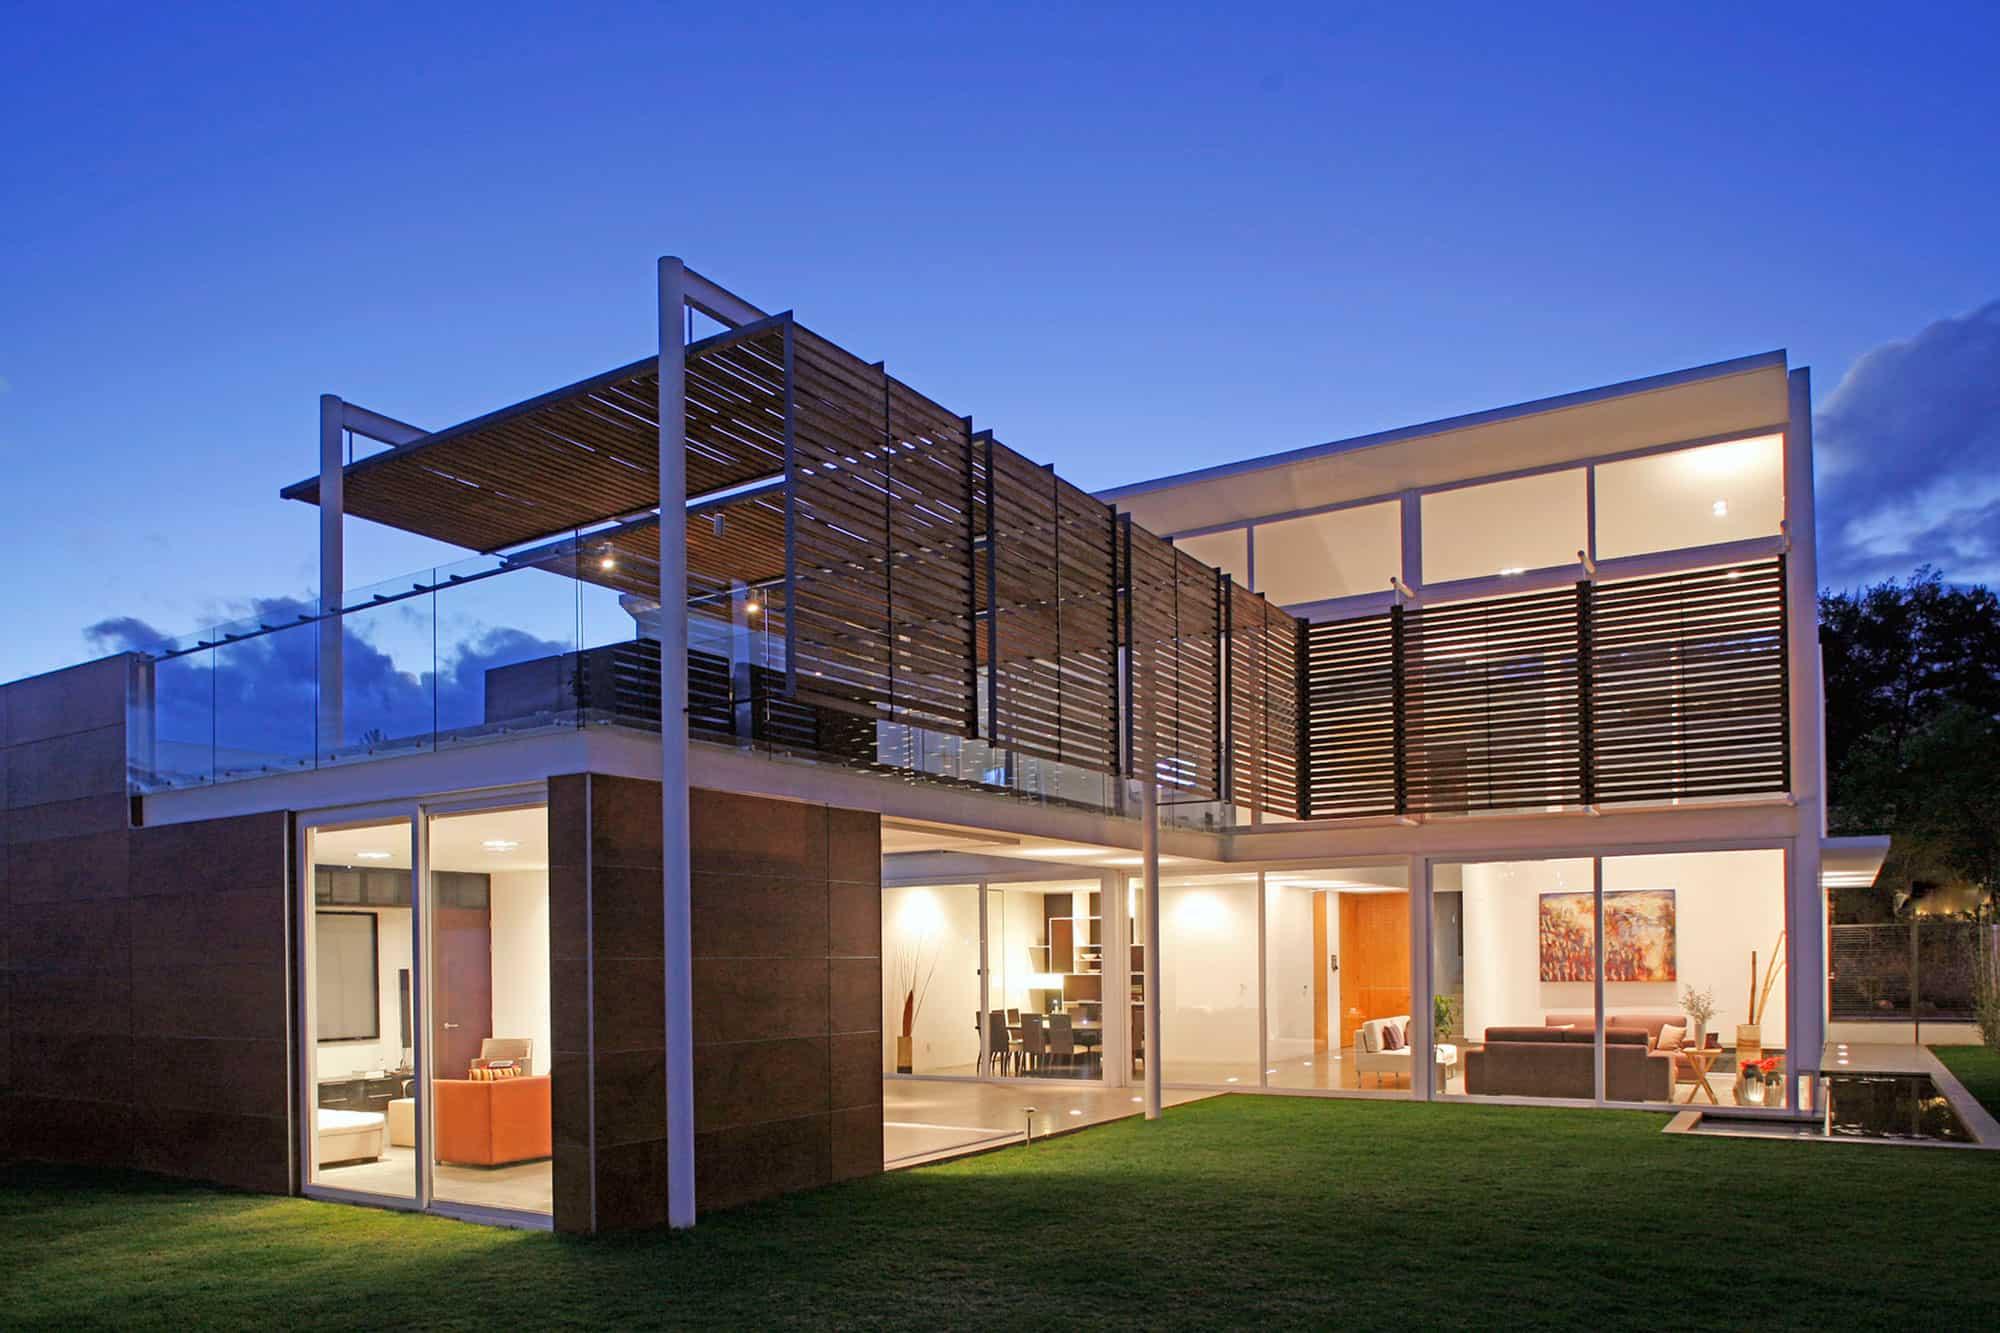 Casa quince by echauri morales arquitectos